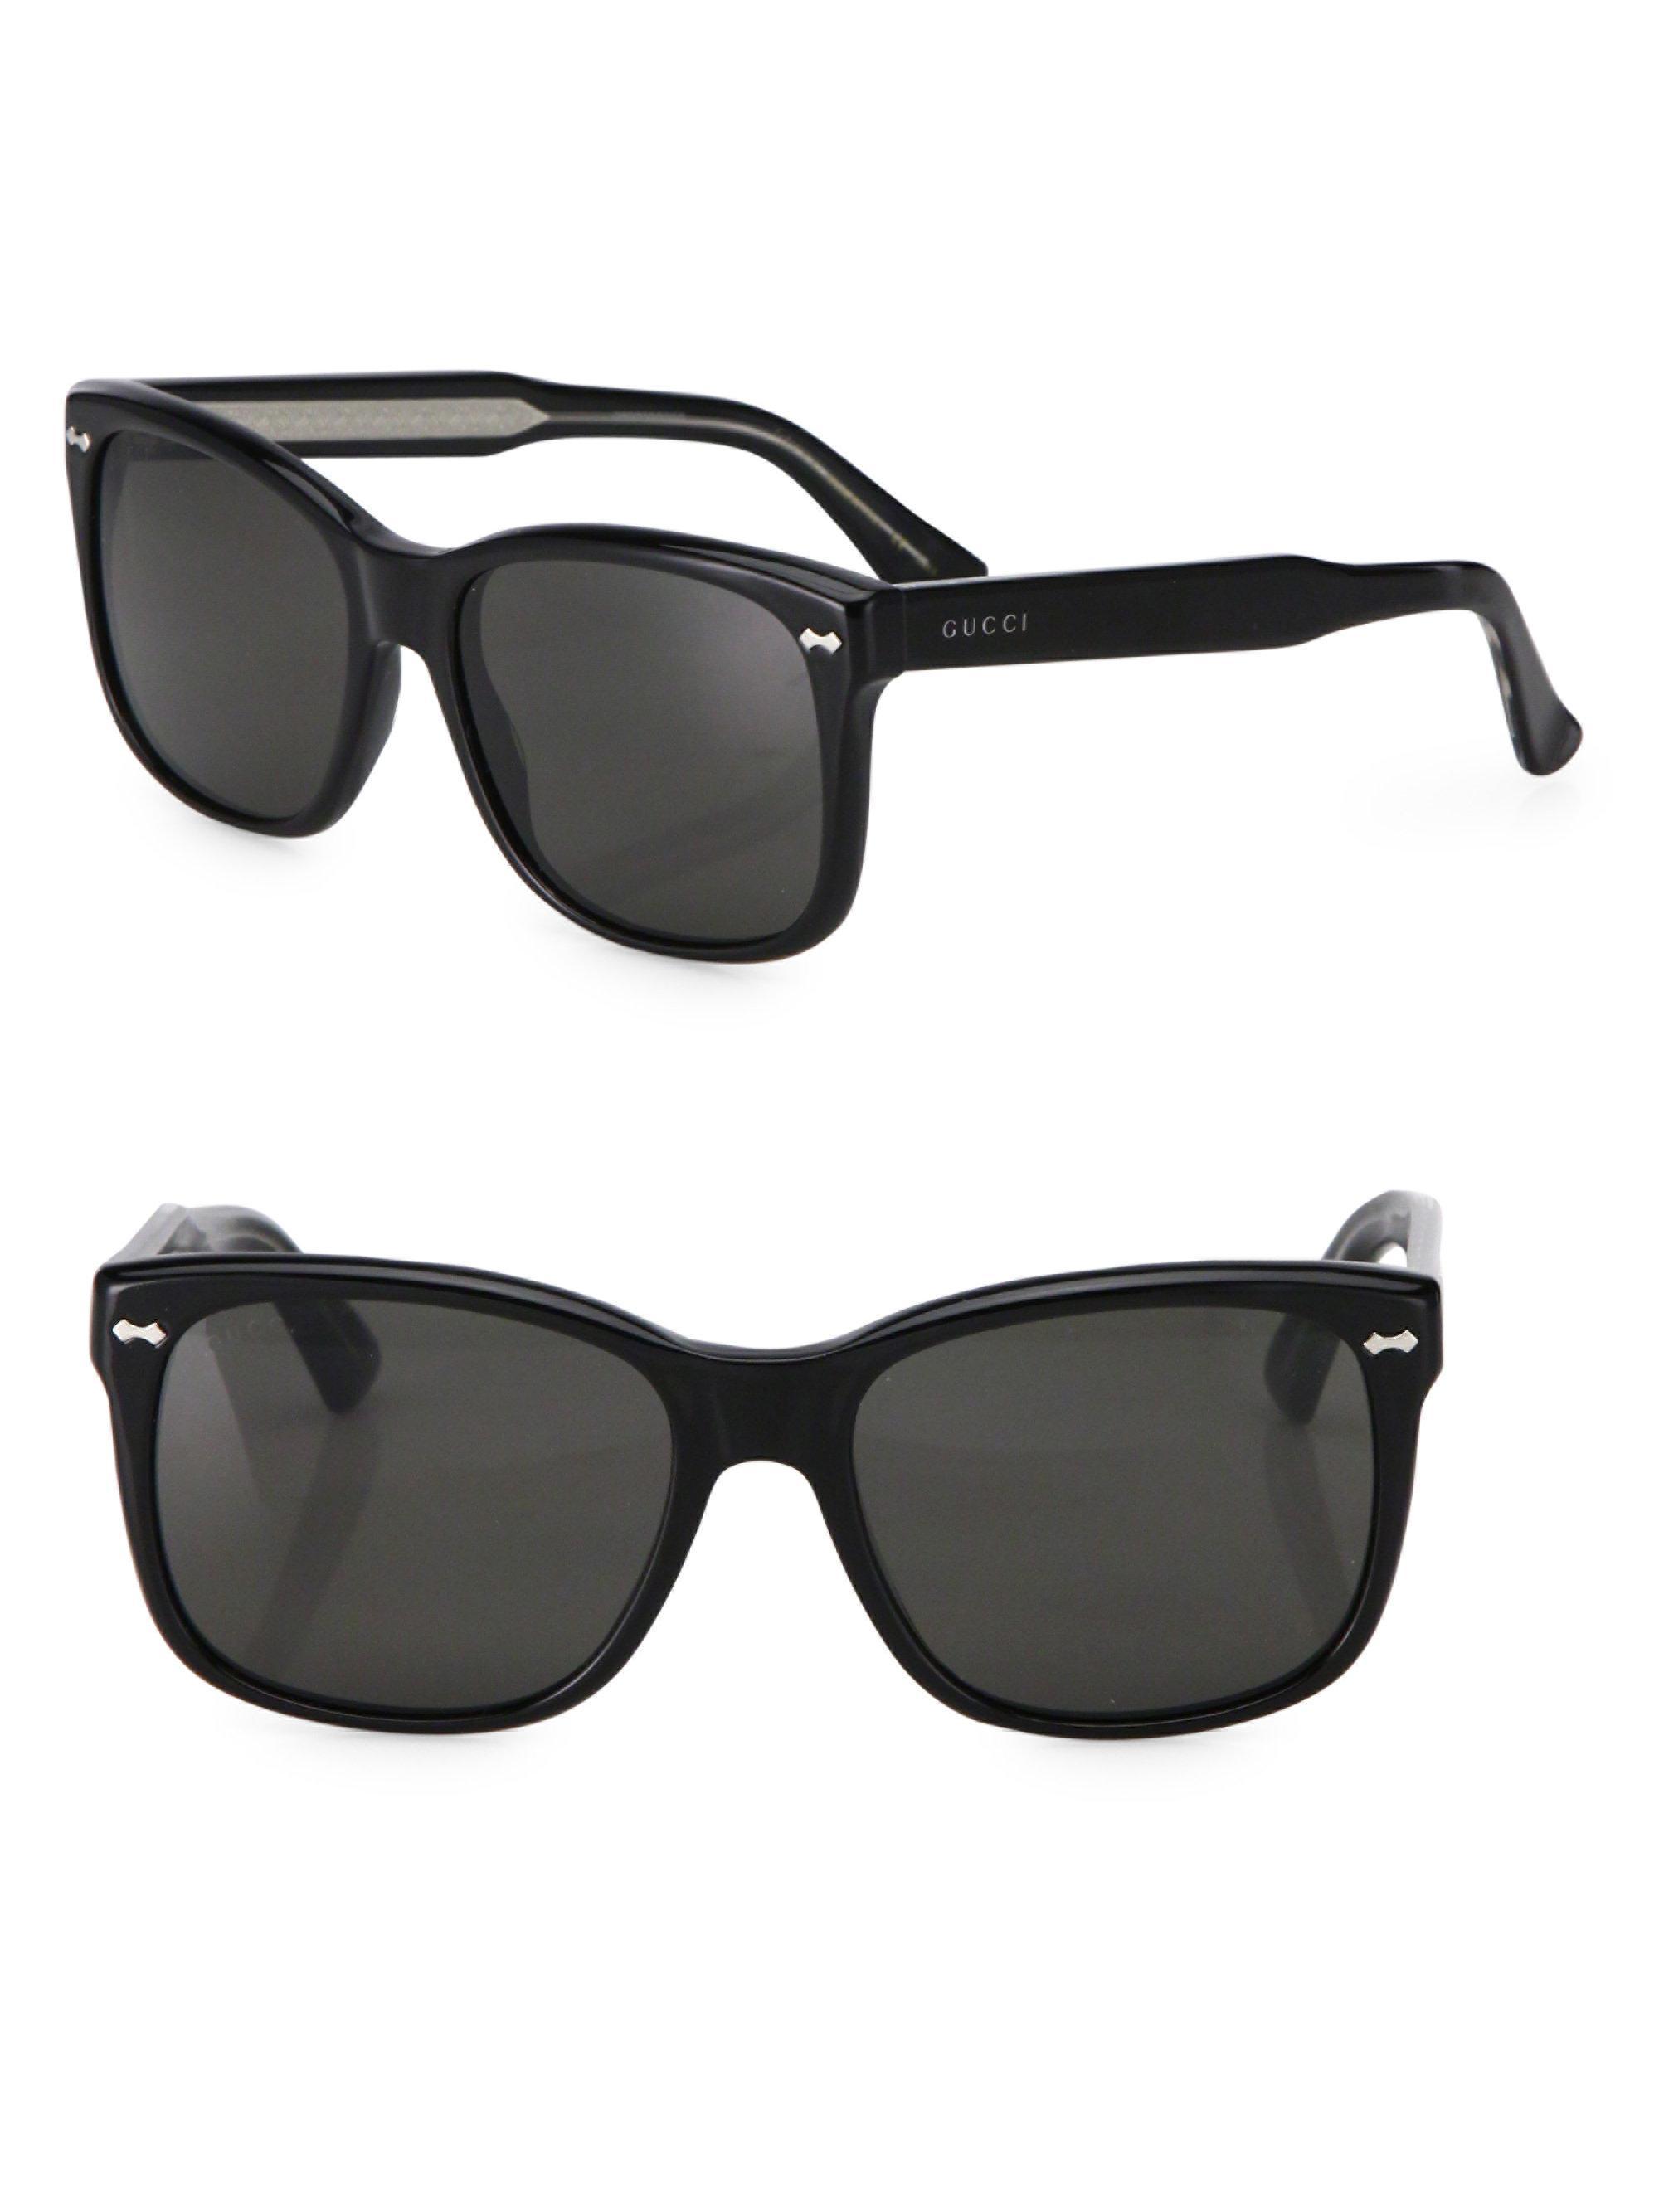 da5b035f8f Lyst - Gucci 56mm Oversize Square Sunglasses in Black for Men